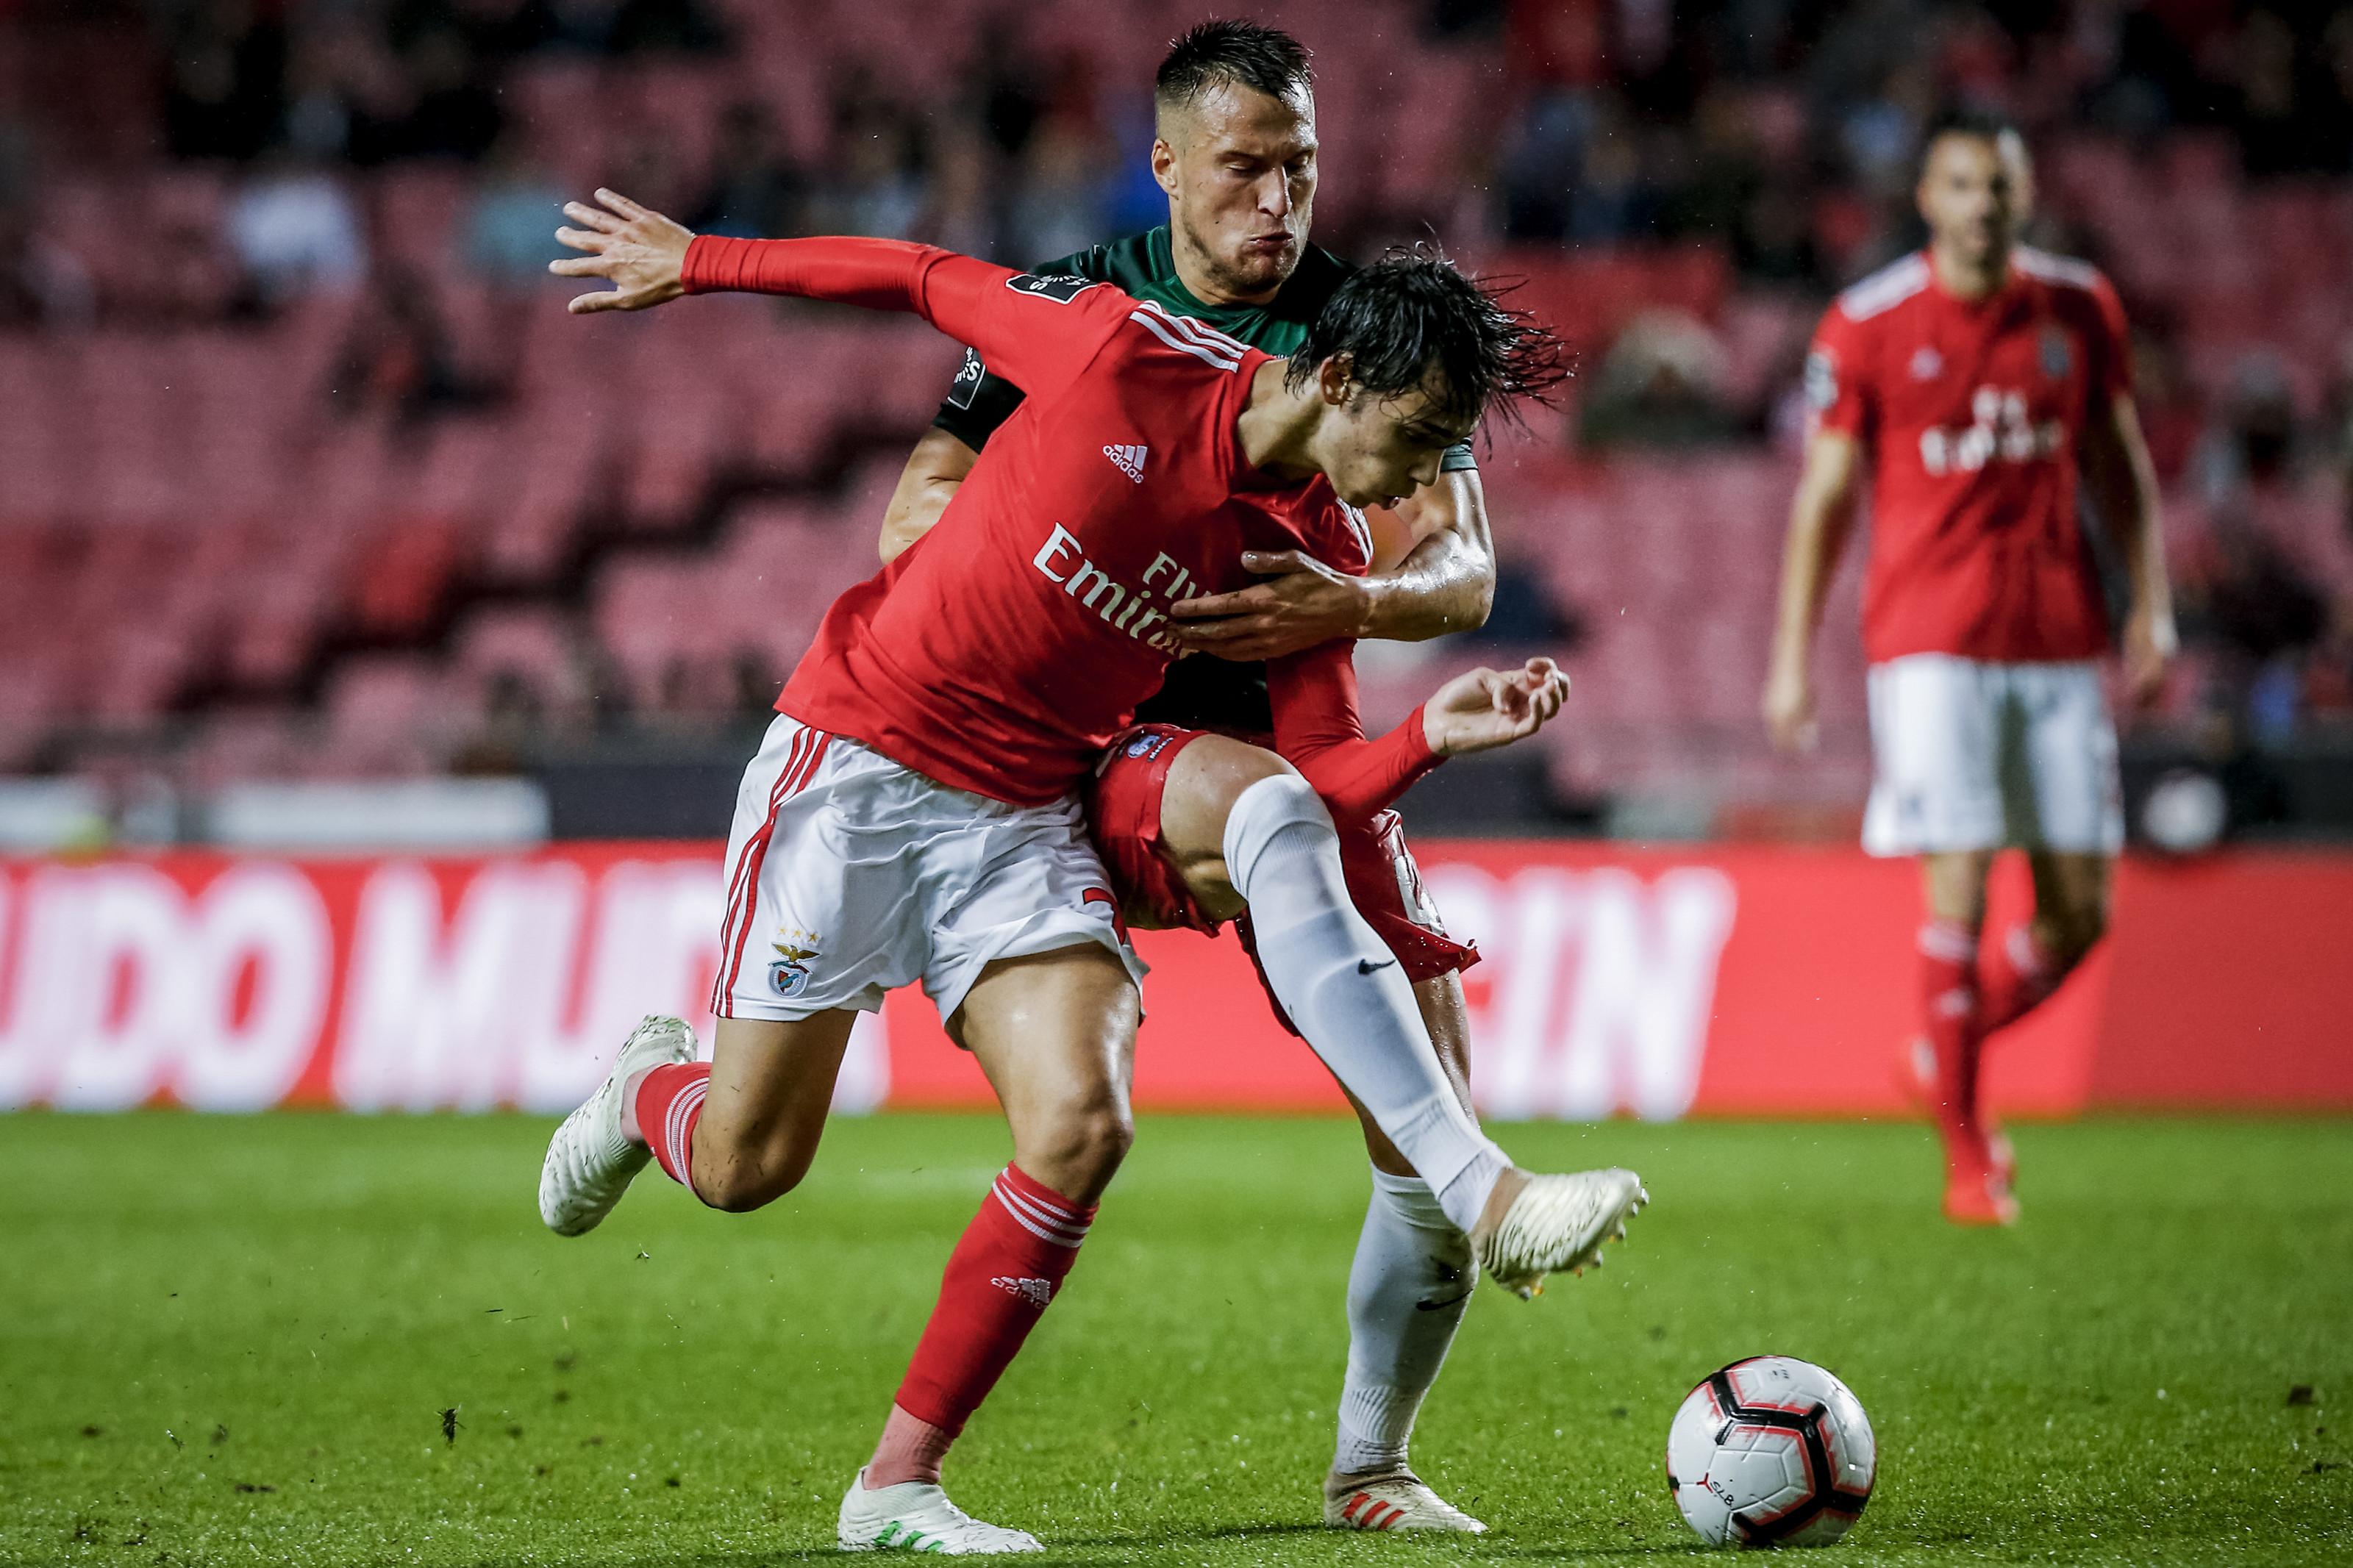 Benfica cura 'ressaca' europeia com goleada e regresso à liderança